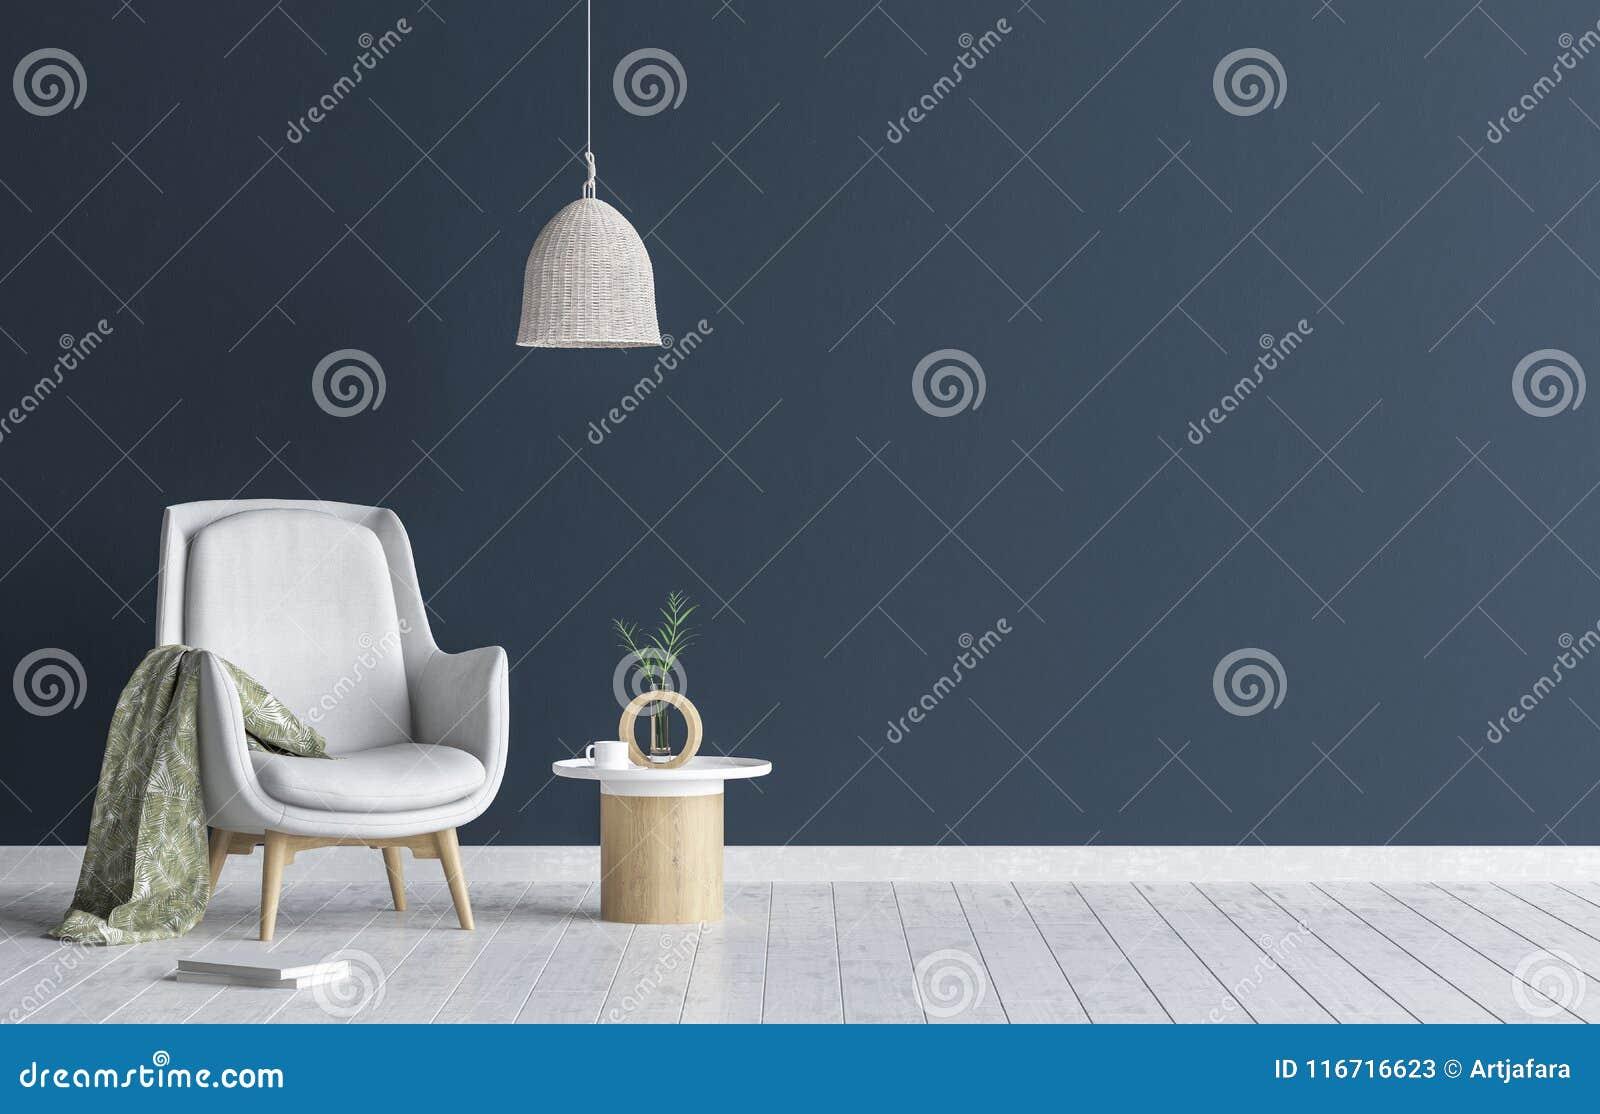 Silla con la lámpara y la mesa de centro en la sala de estar interior, mofa azul marino de la pared encima del fondo